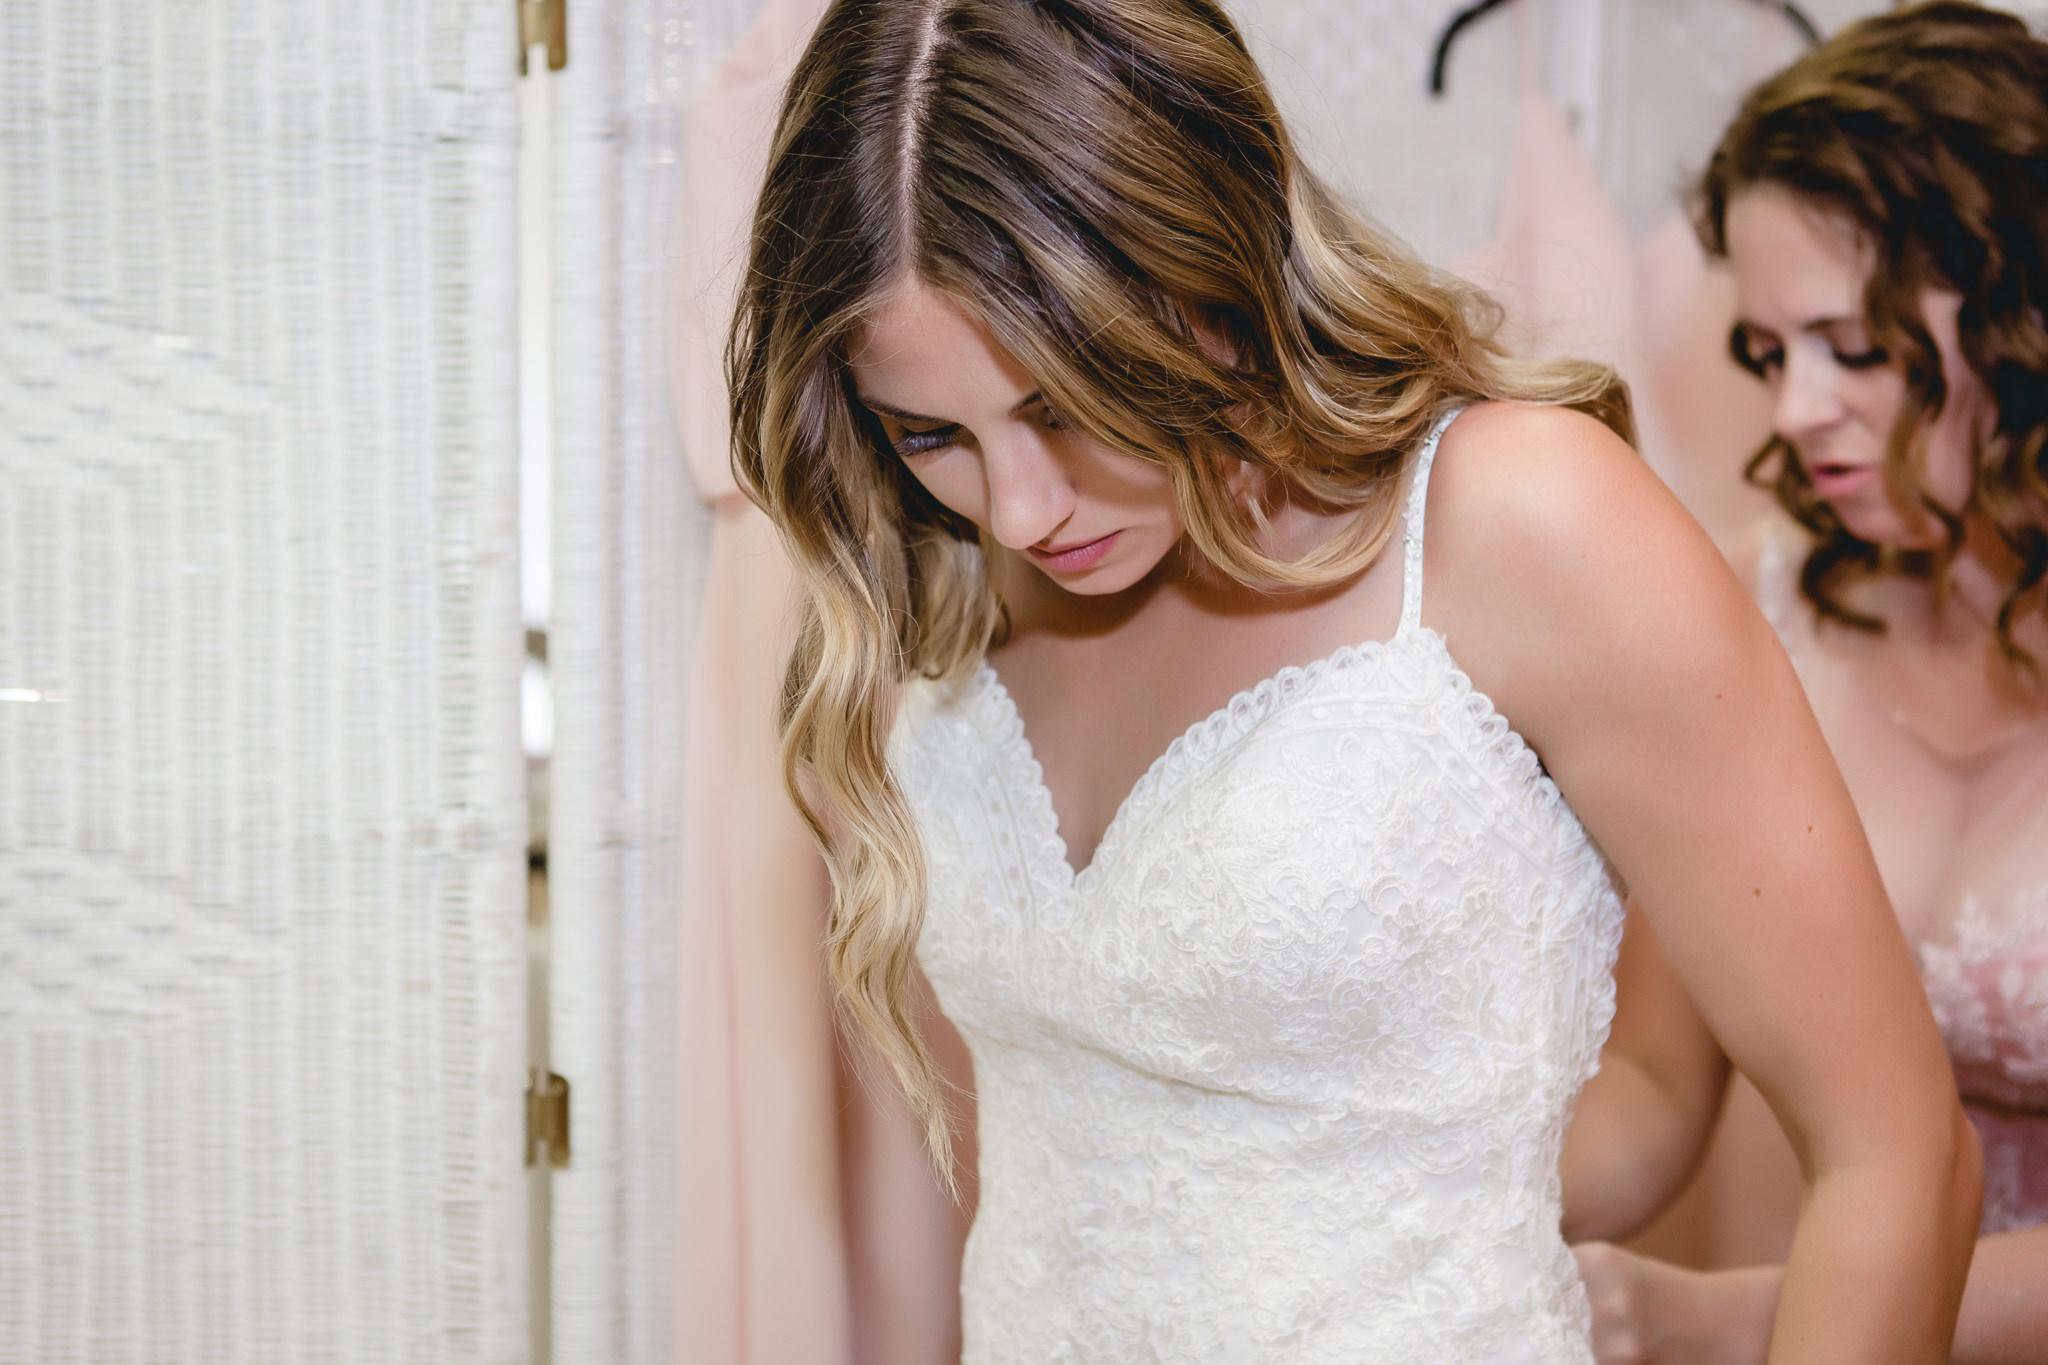 Mother of the bride zips up the bride's dress at Hidden Valley Resort